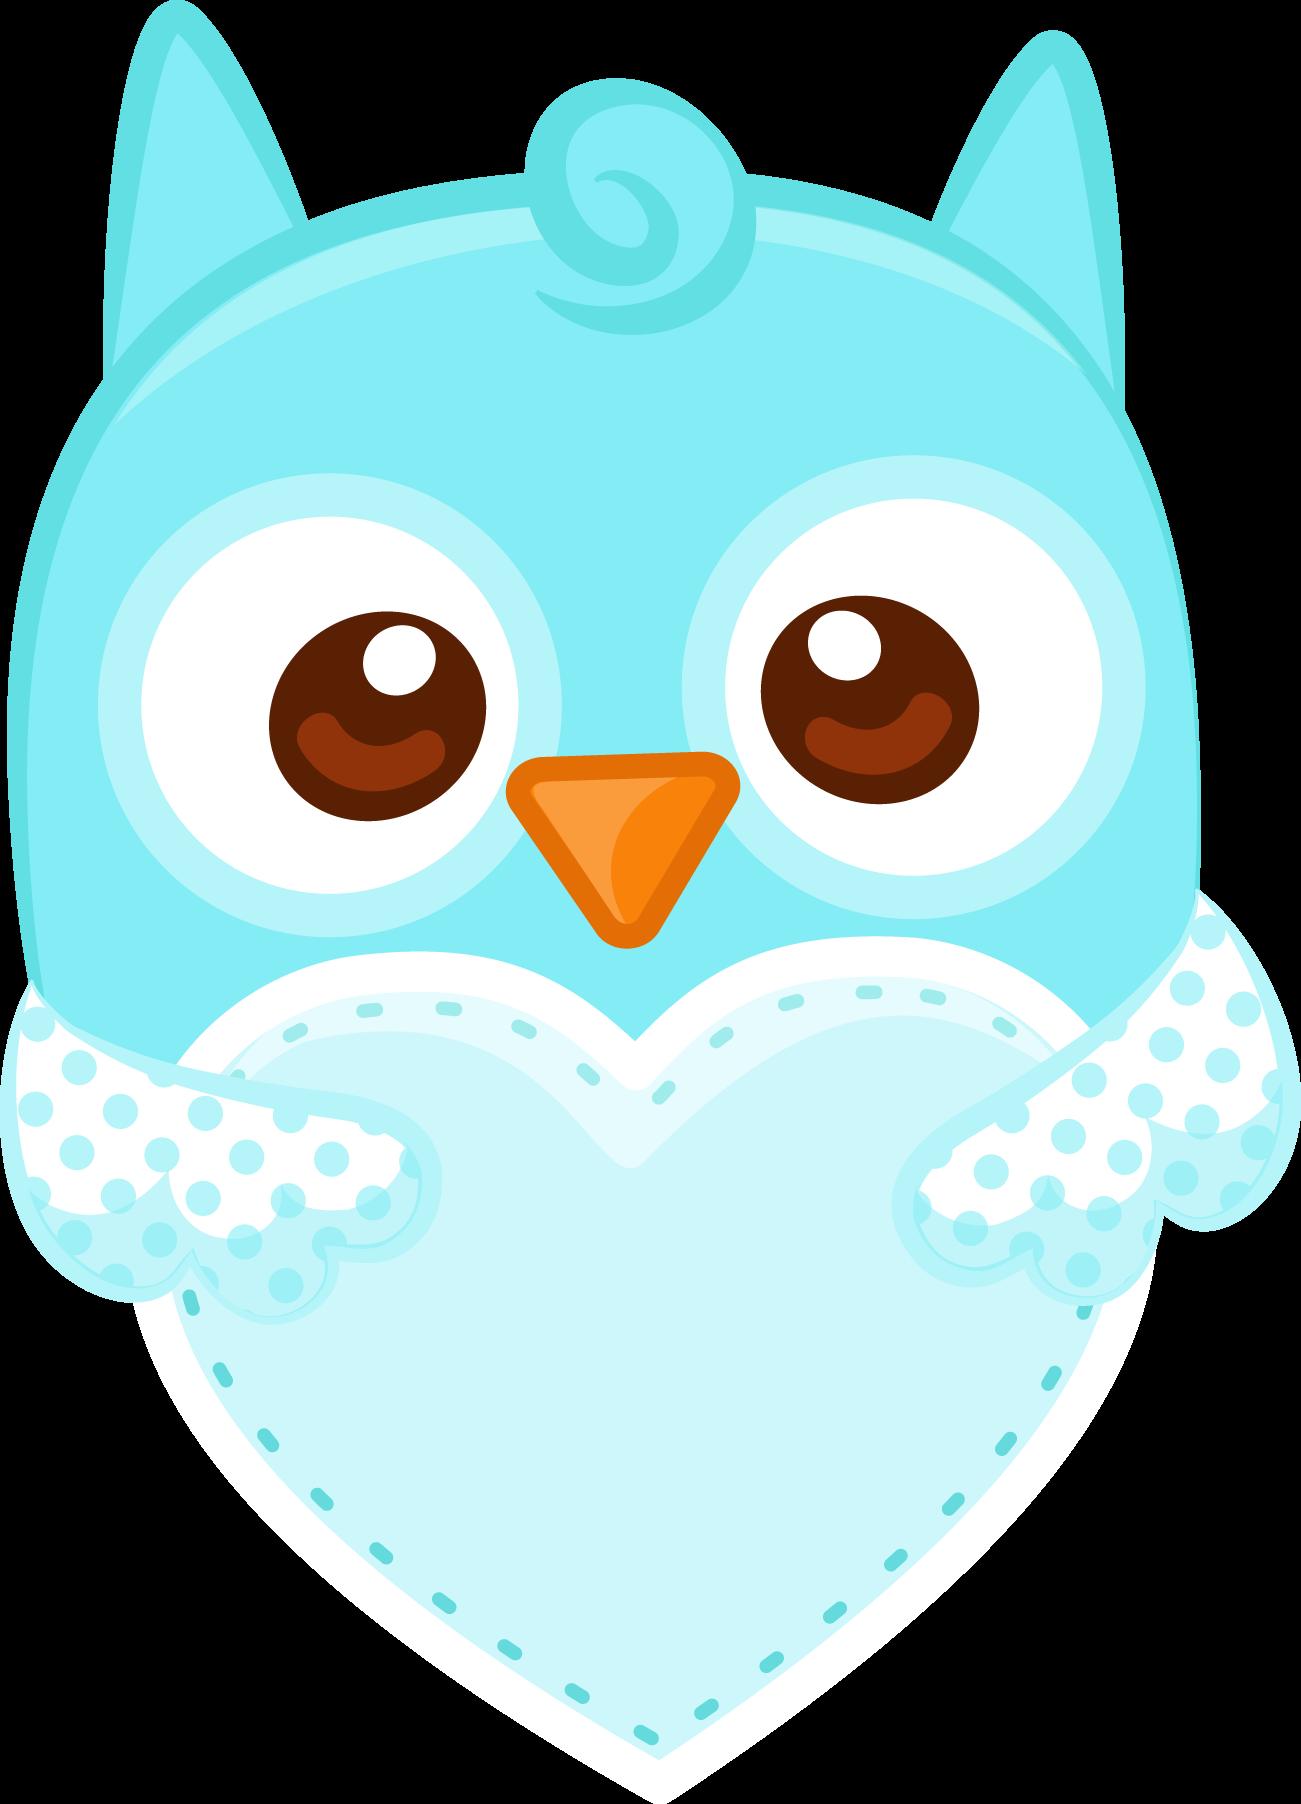 Owls clipart head. Owl always love you